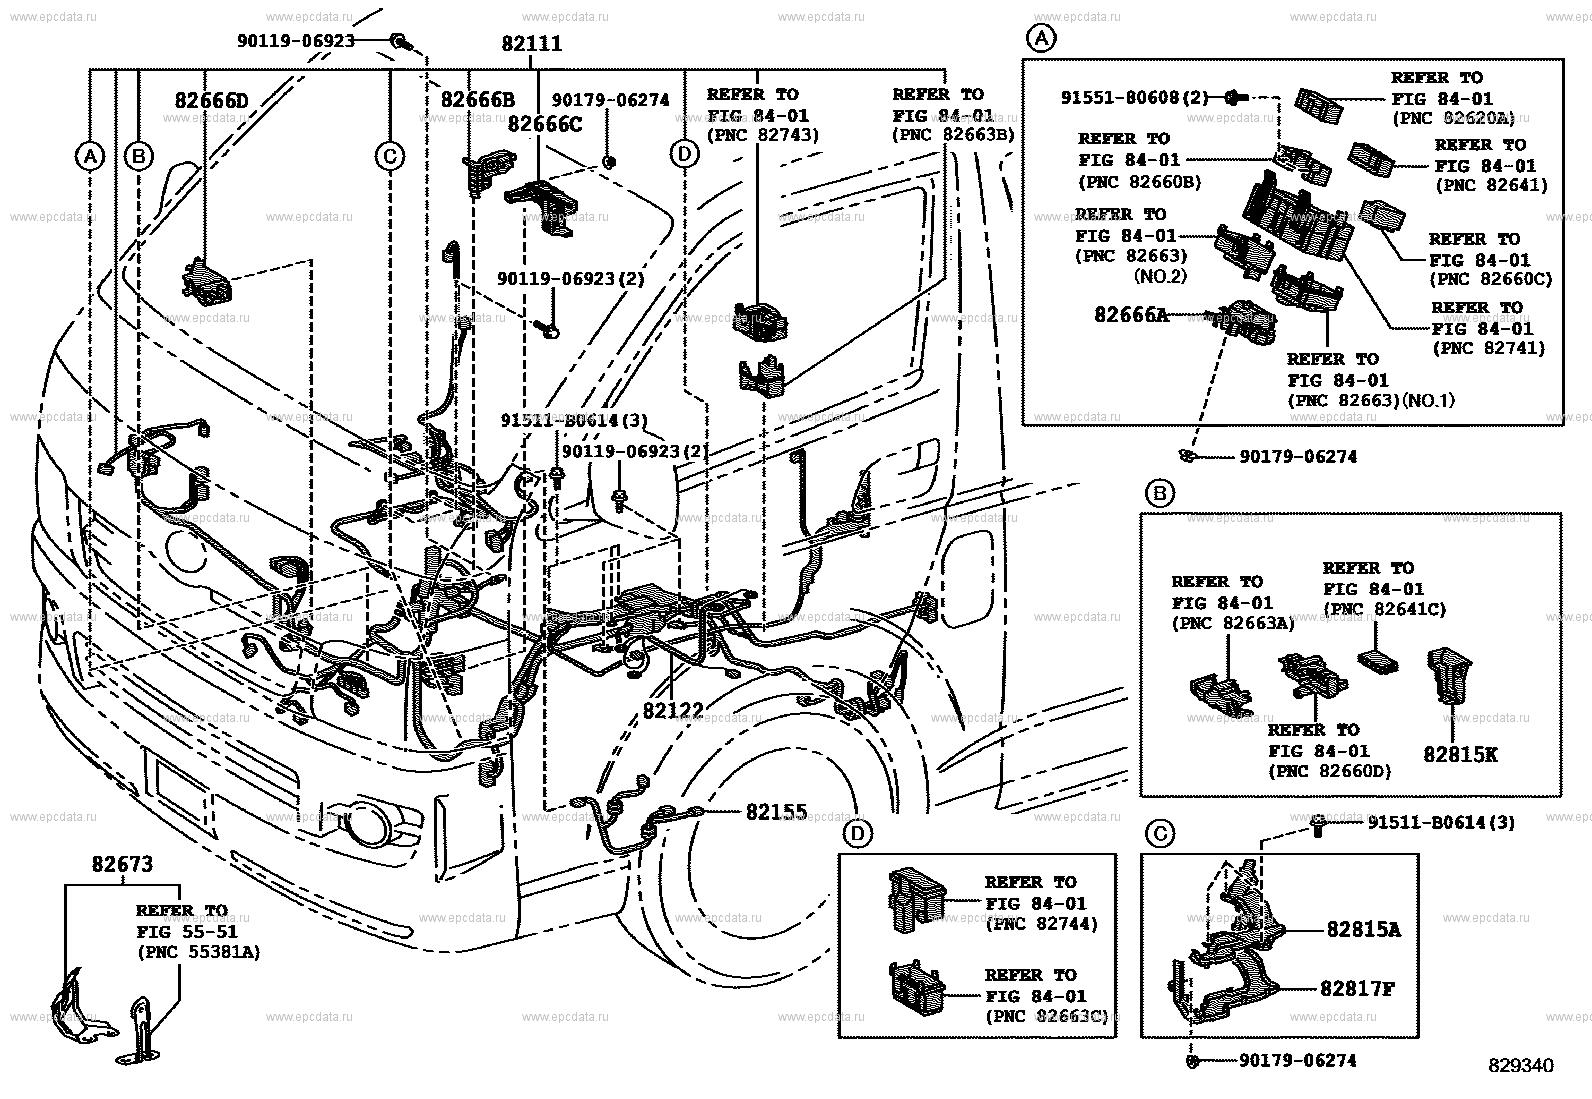 Scheme 1